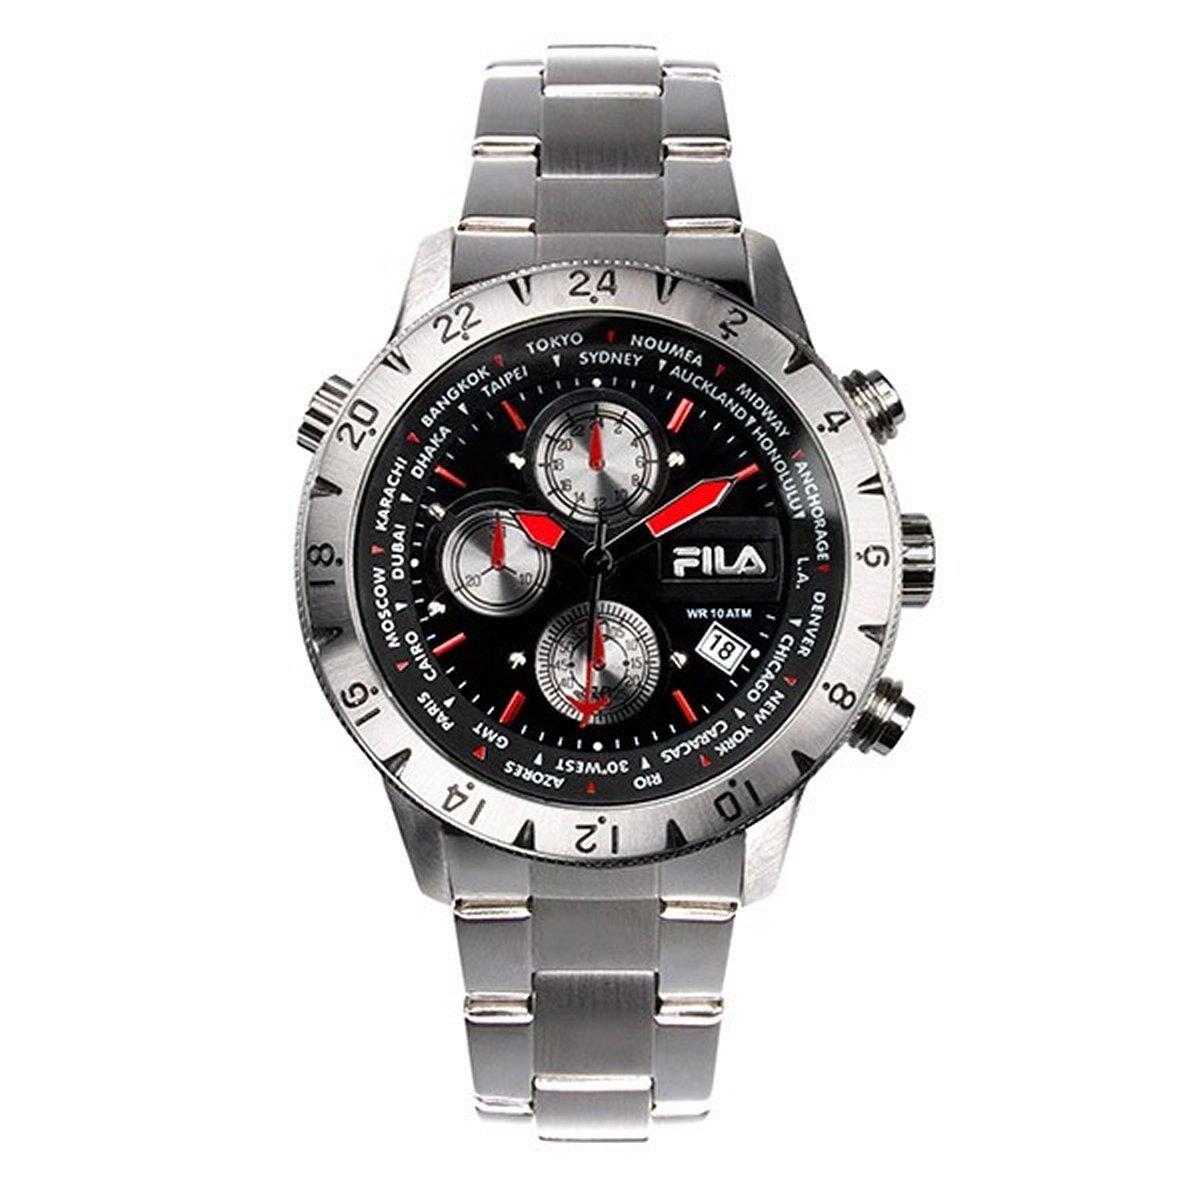 Fila Herren Armbanduhr Chronograph 38-007-001 - NEU - 10414